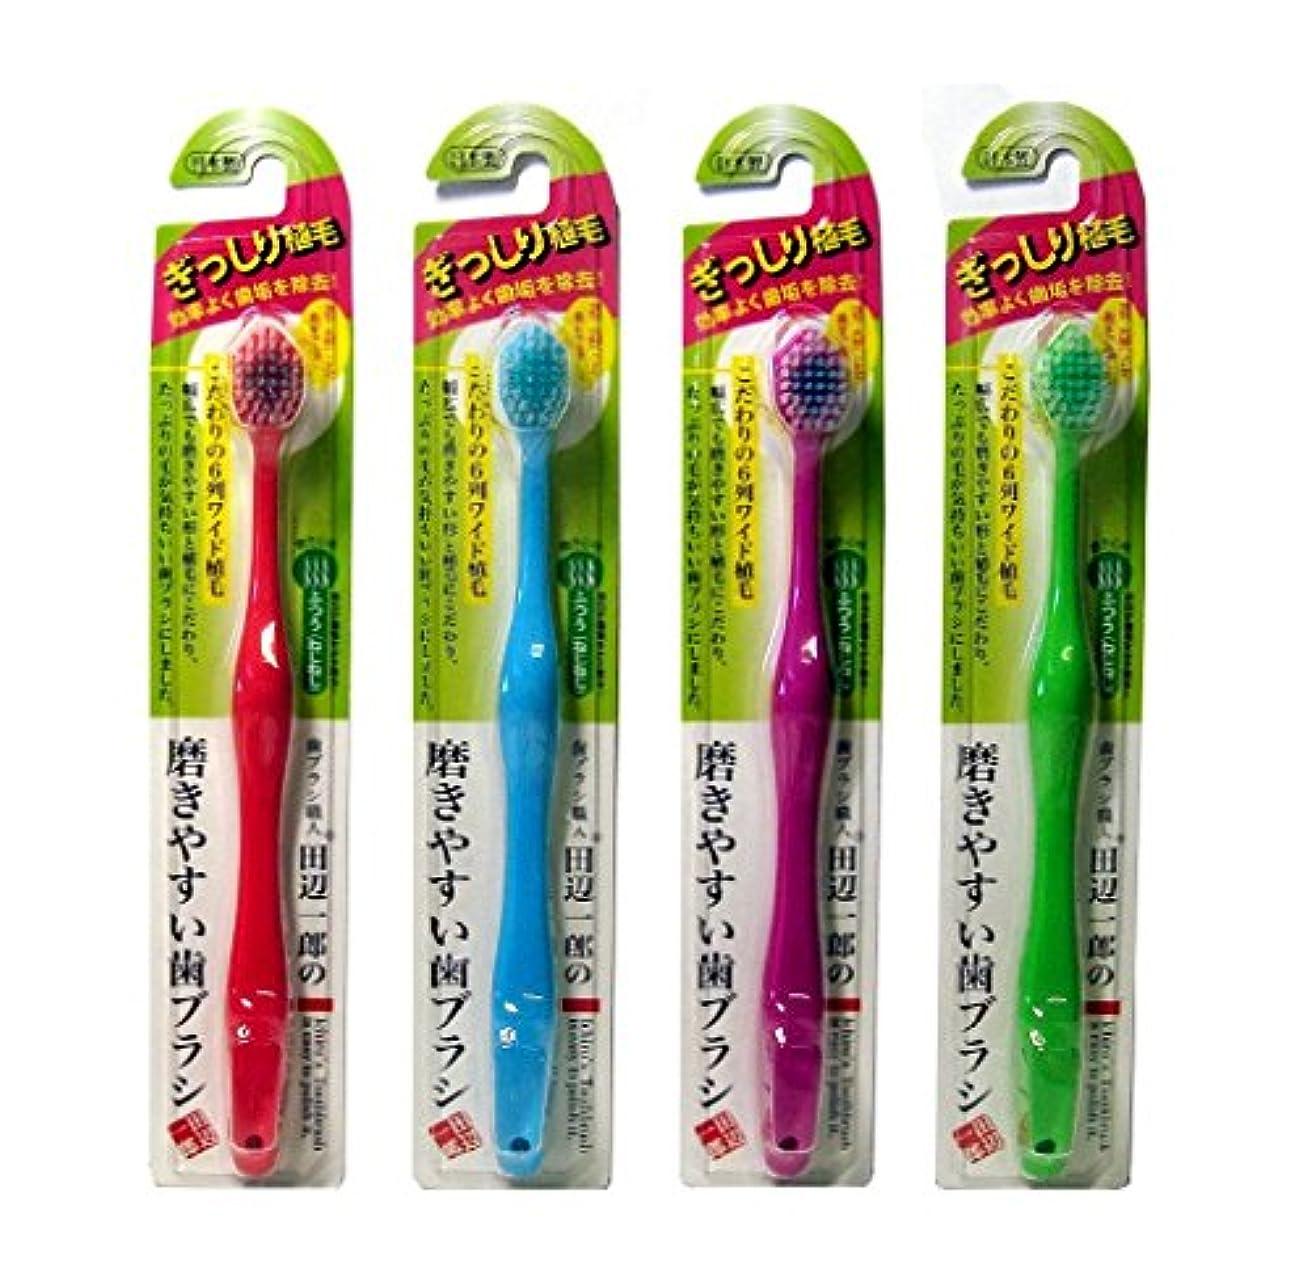 生きている靄相対的ライフレンジ 田辺一郎の磨きやすい歯ブラシ 6列ワイドタイプ ふつう(ねじねじ) LT-31 4本セット(レッド?ブルー?パープル?グリーン)